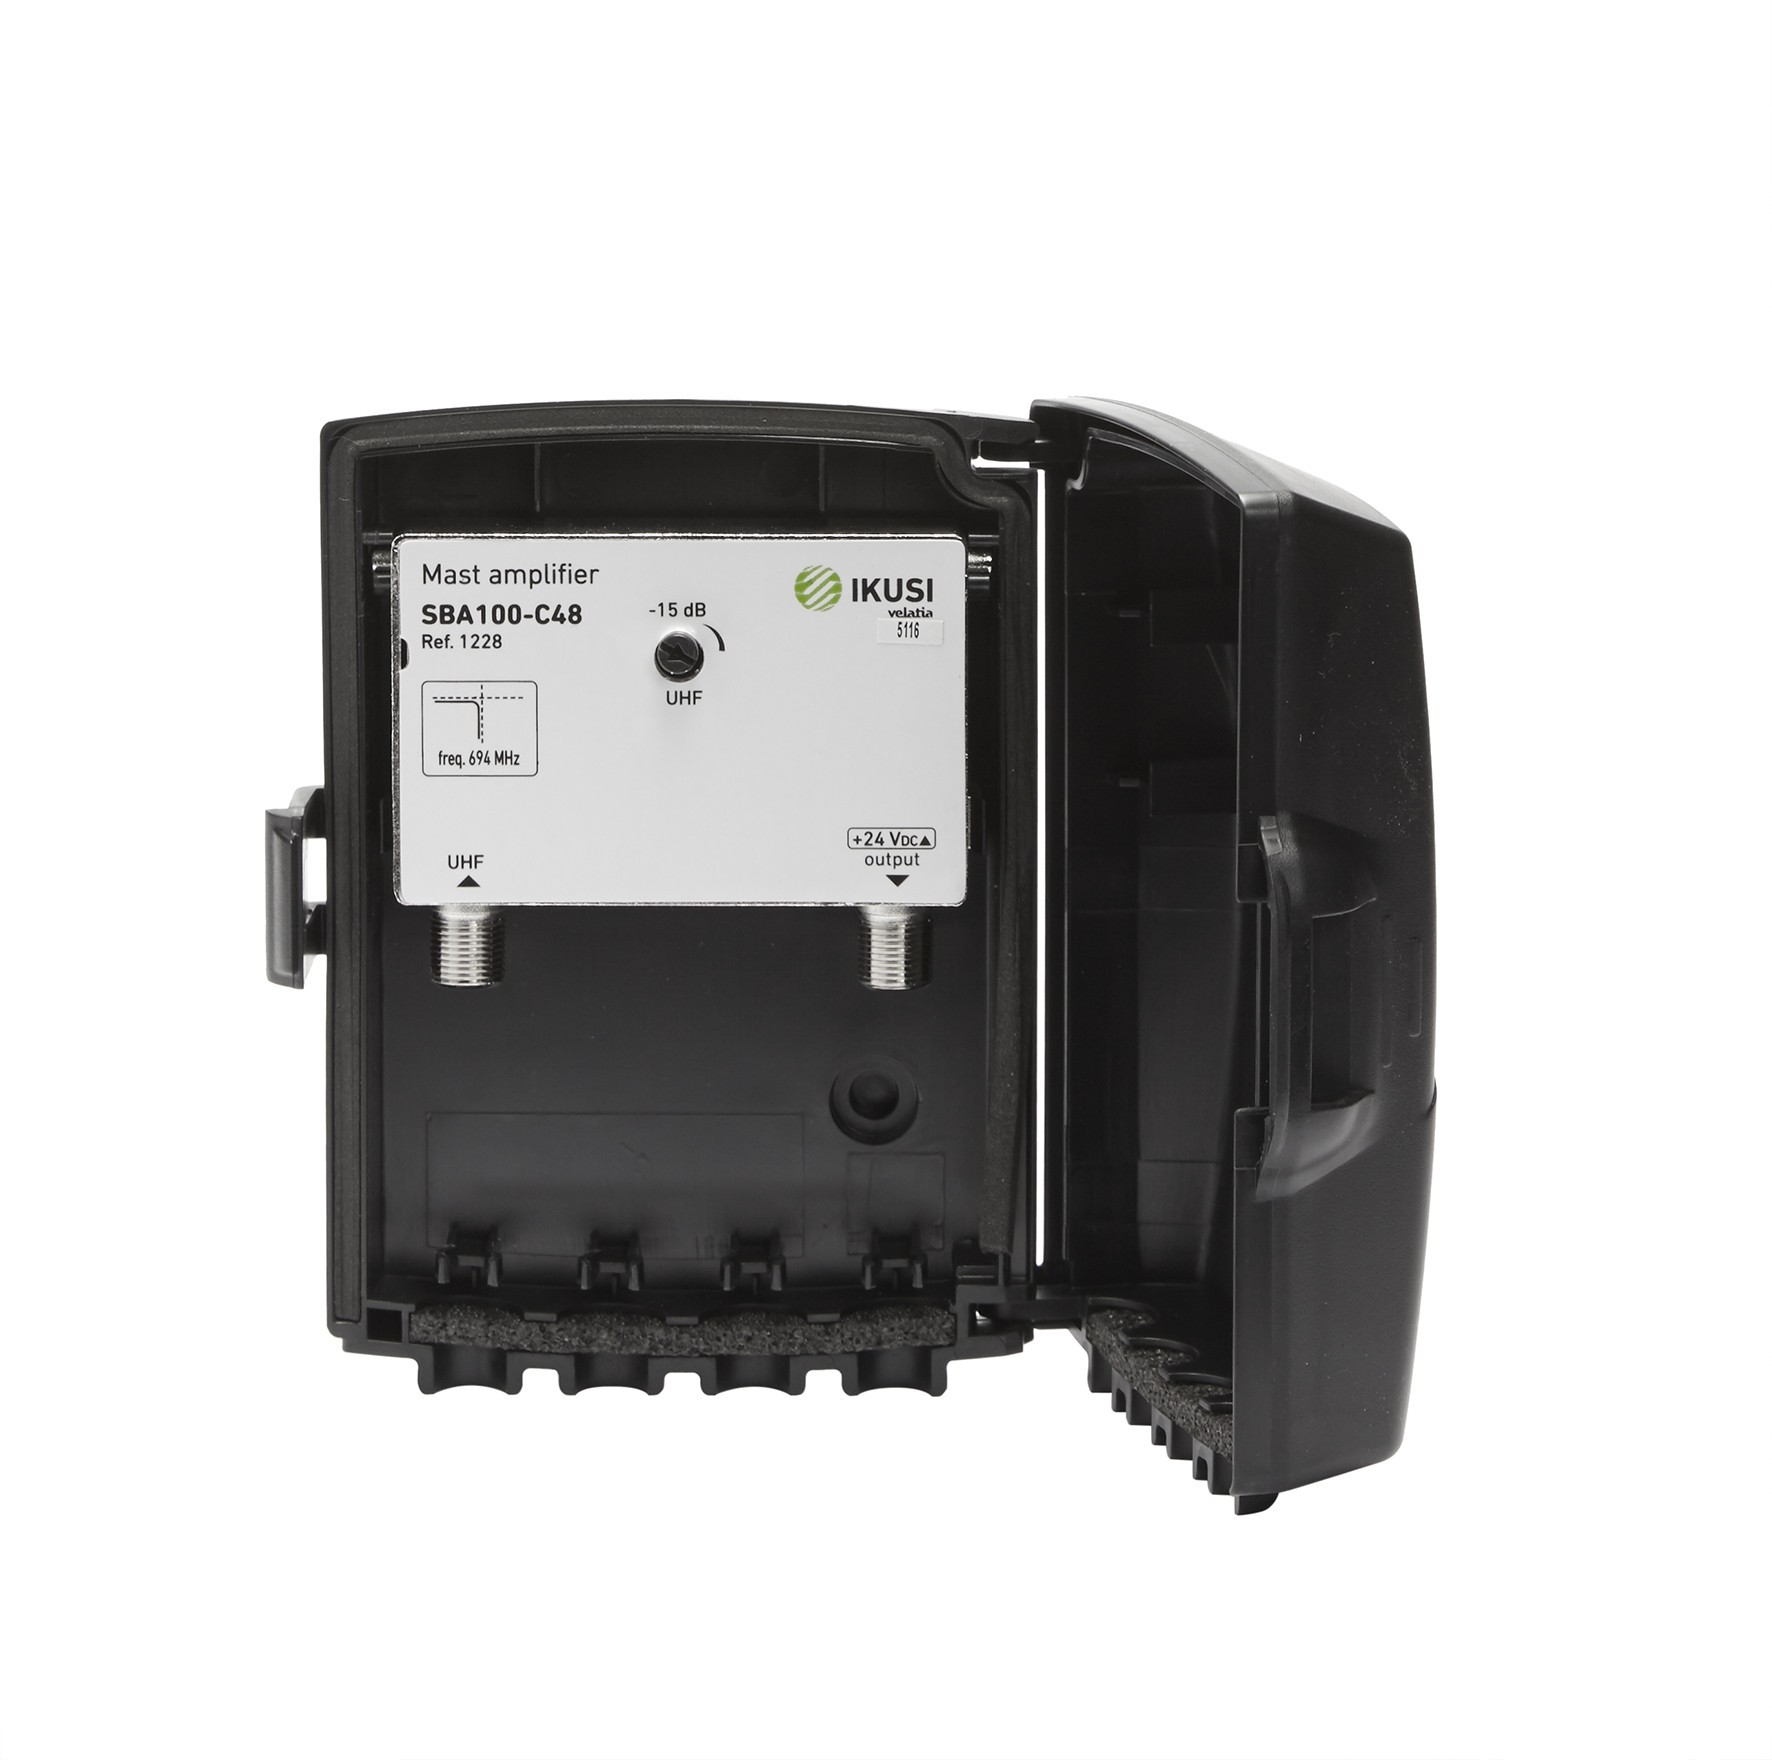 Amplificador de mástil 1 Entrada. UHF (C21/48), 40dB, Ajustable 15dB, 106dBµV